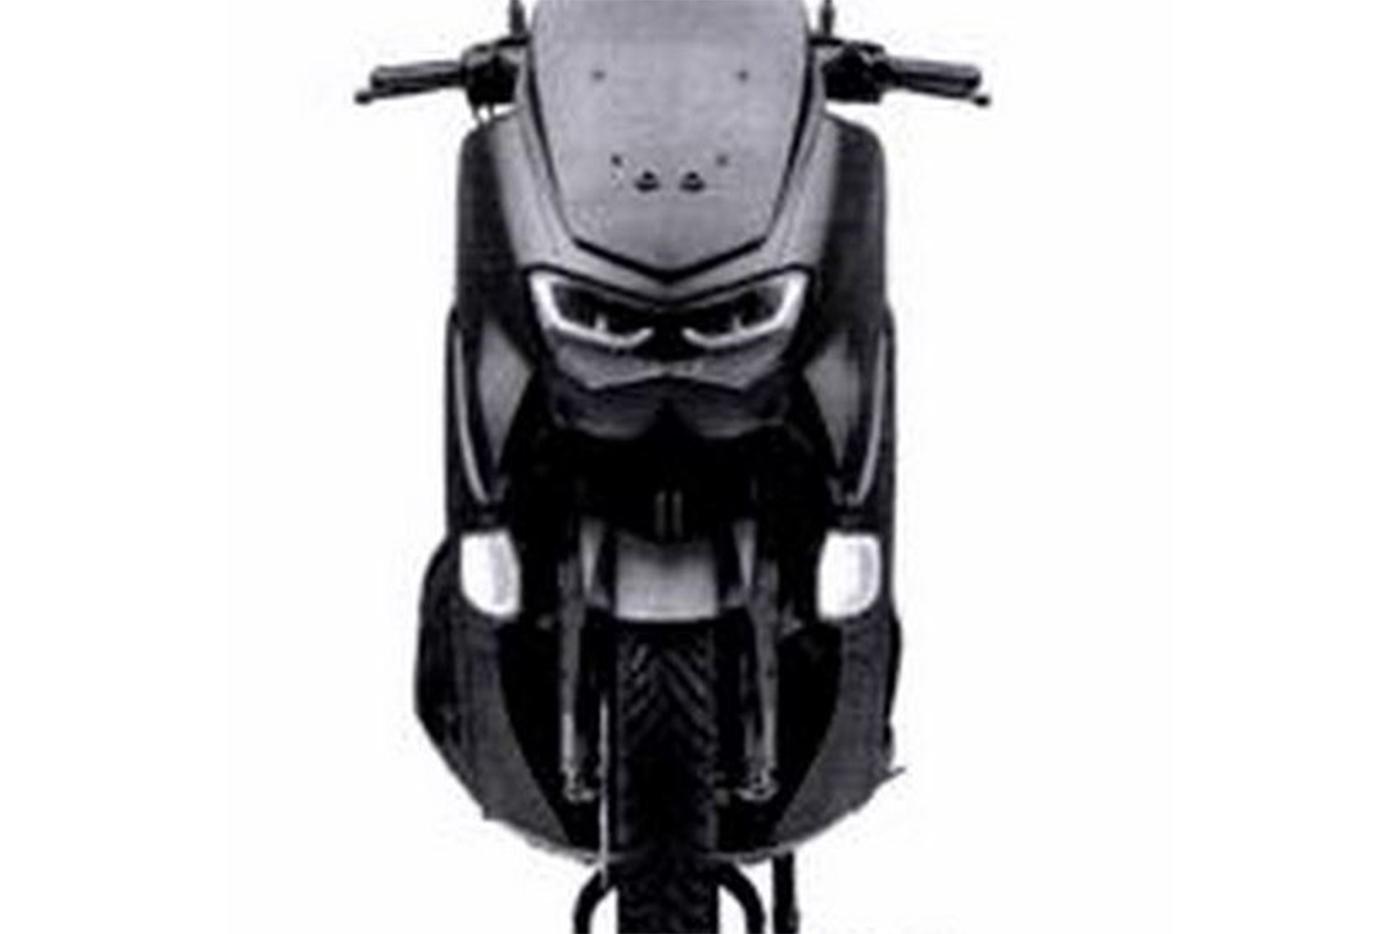 Yamaha NMax 155 2020 bị bắt gặp trên đường thử - Hình 5